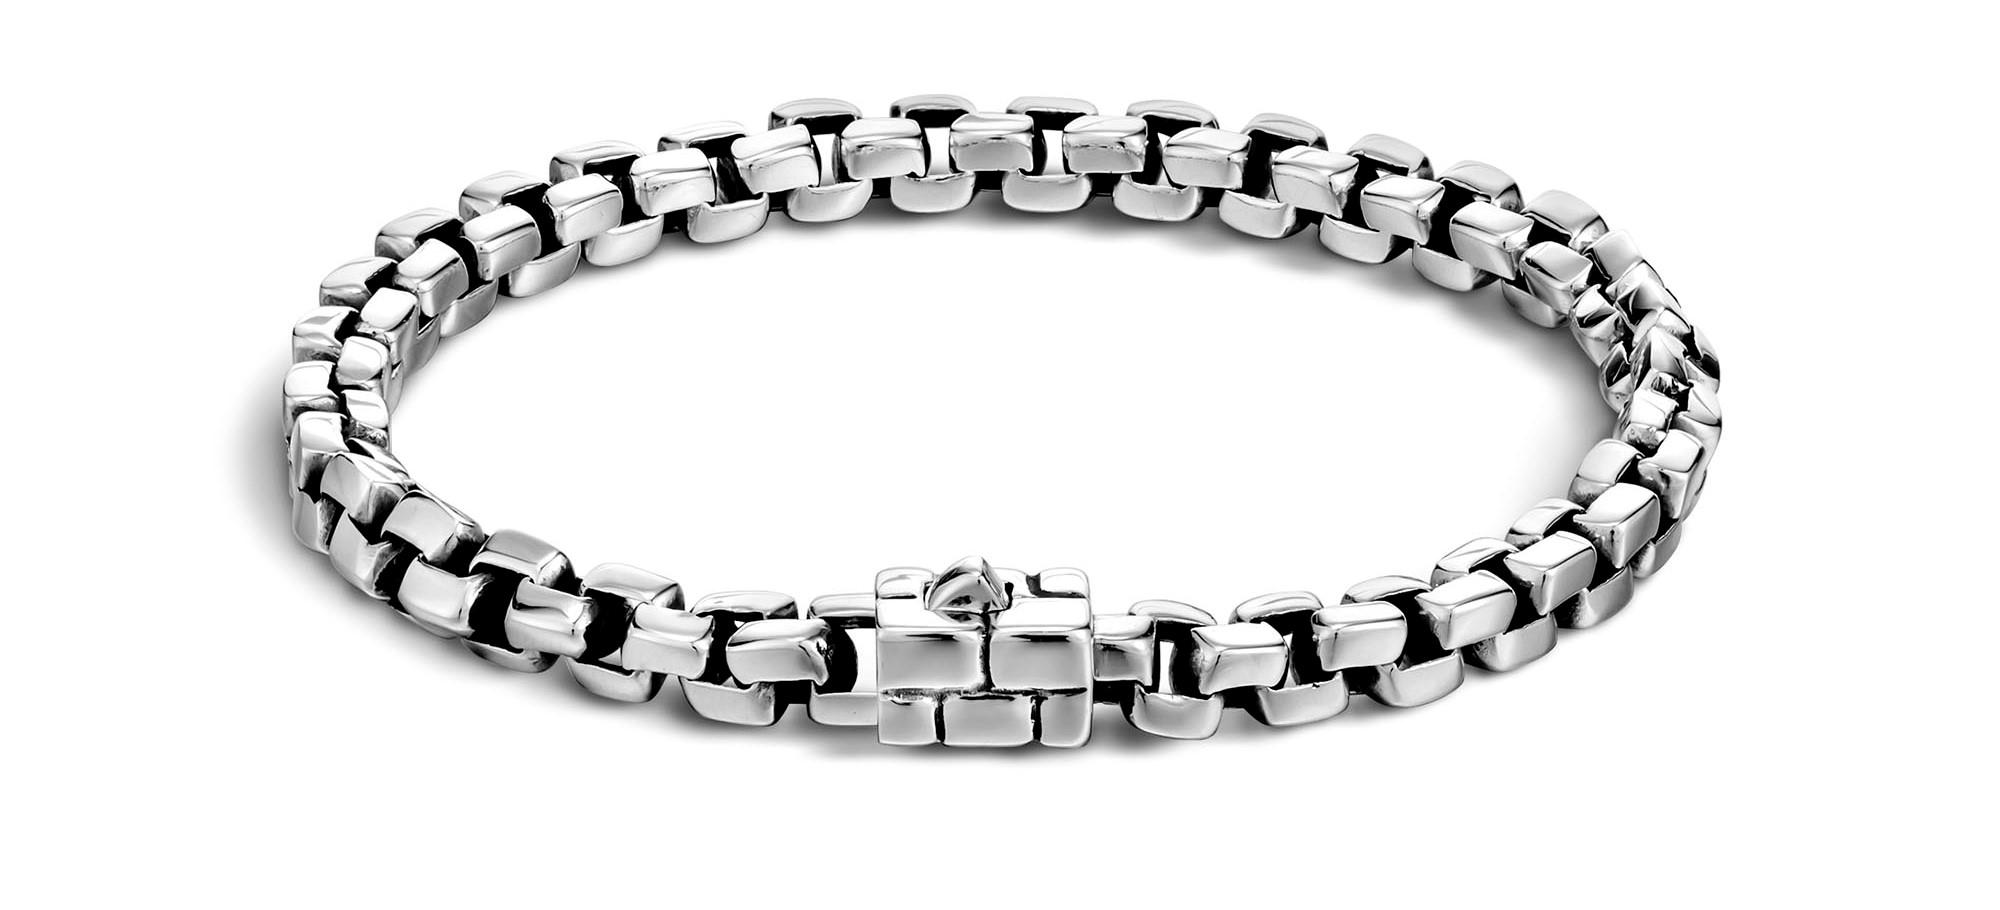 men's bracelet available from Diamond Design